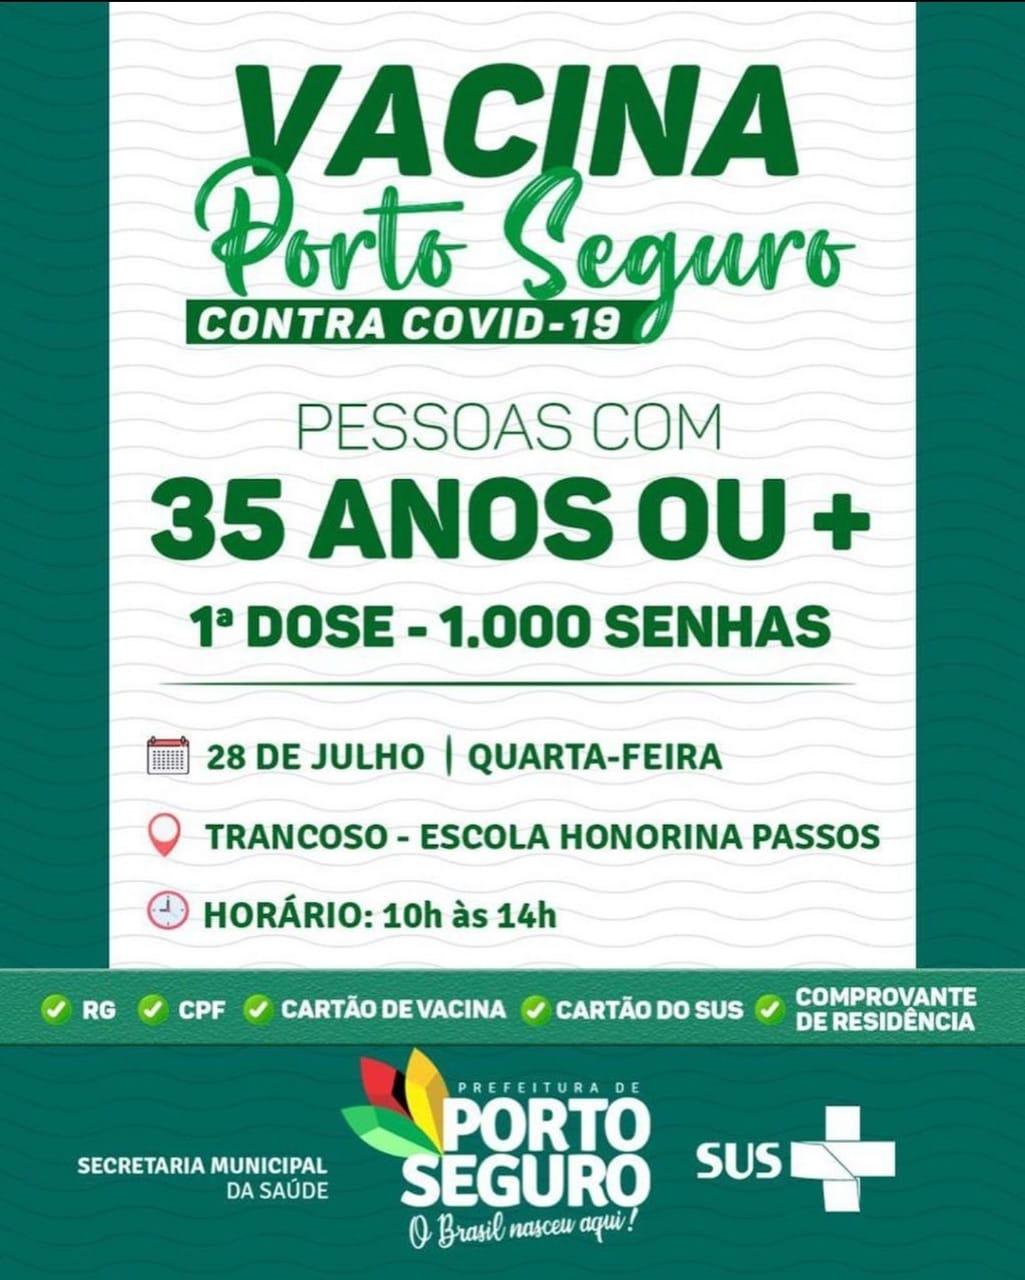 Vacina Porto Seguro contra Covid-19; cronograma de vacinação de 26 a 28 de julho 33